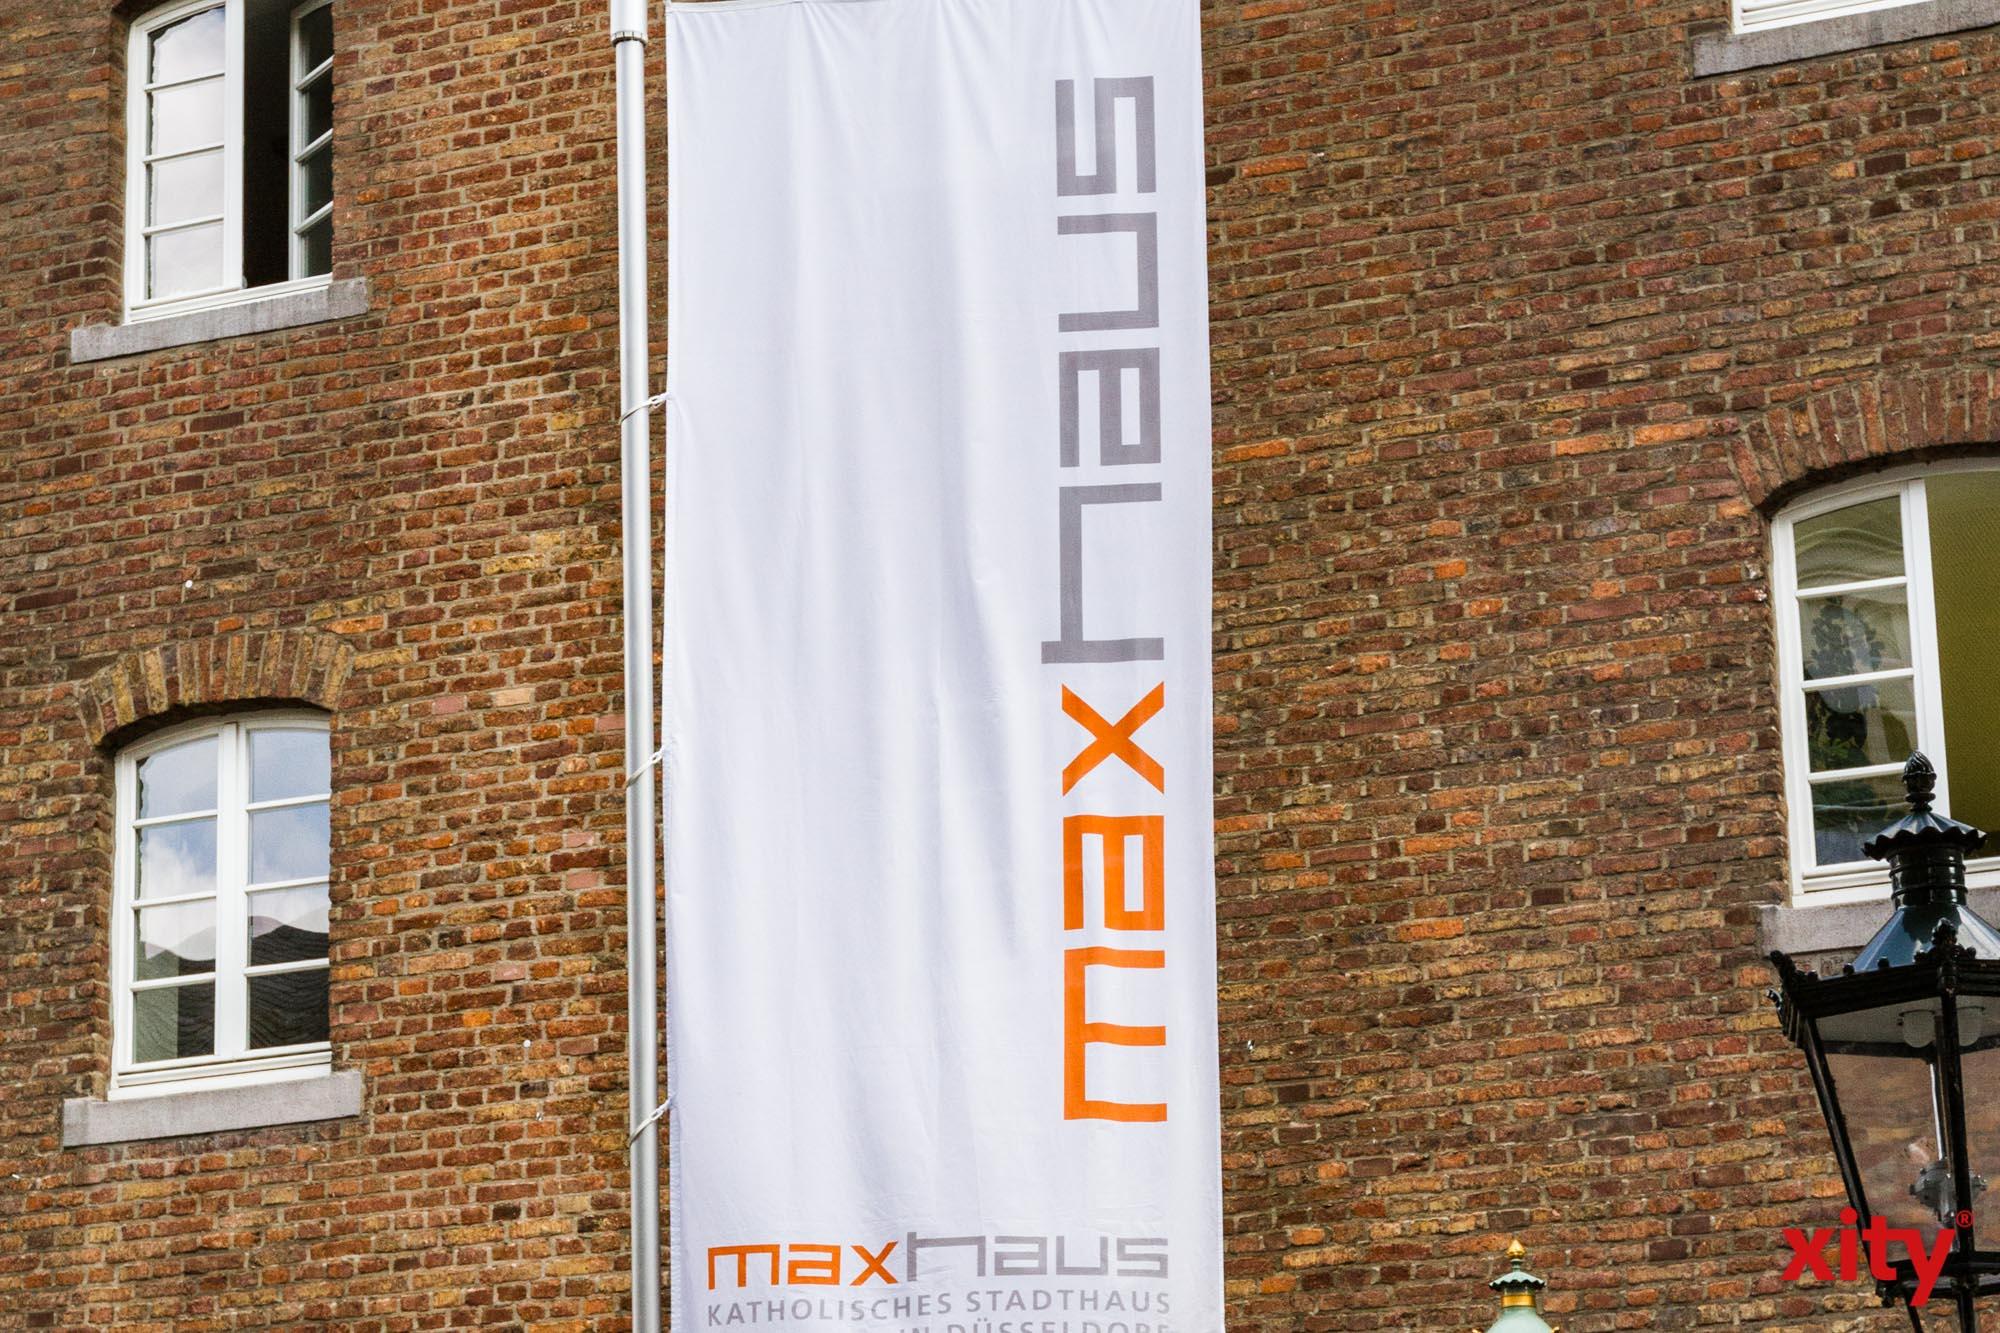 Digitaler Abend mit Musik und Gebet im Maxhaus Düsseldorf (Foto: xity)